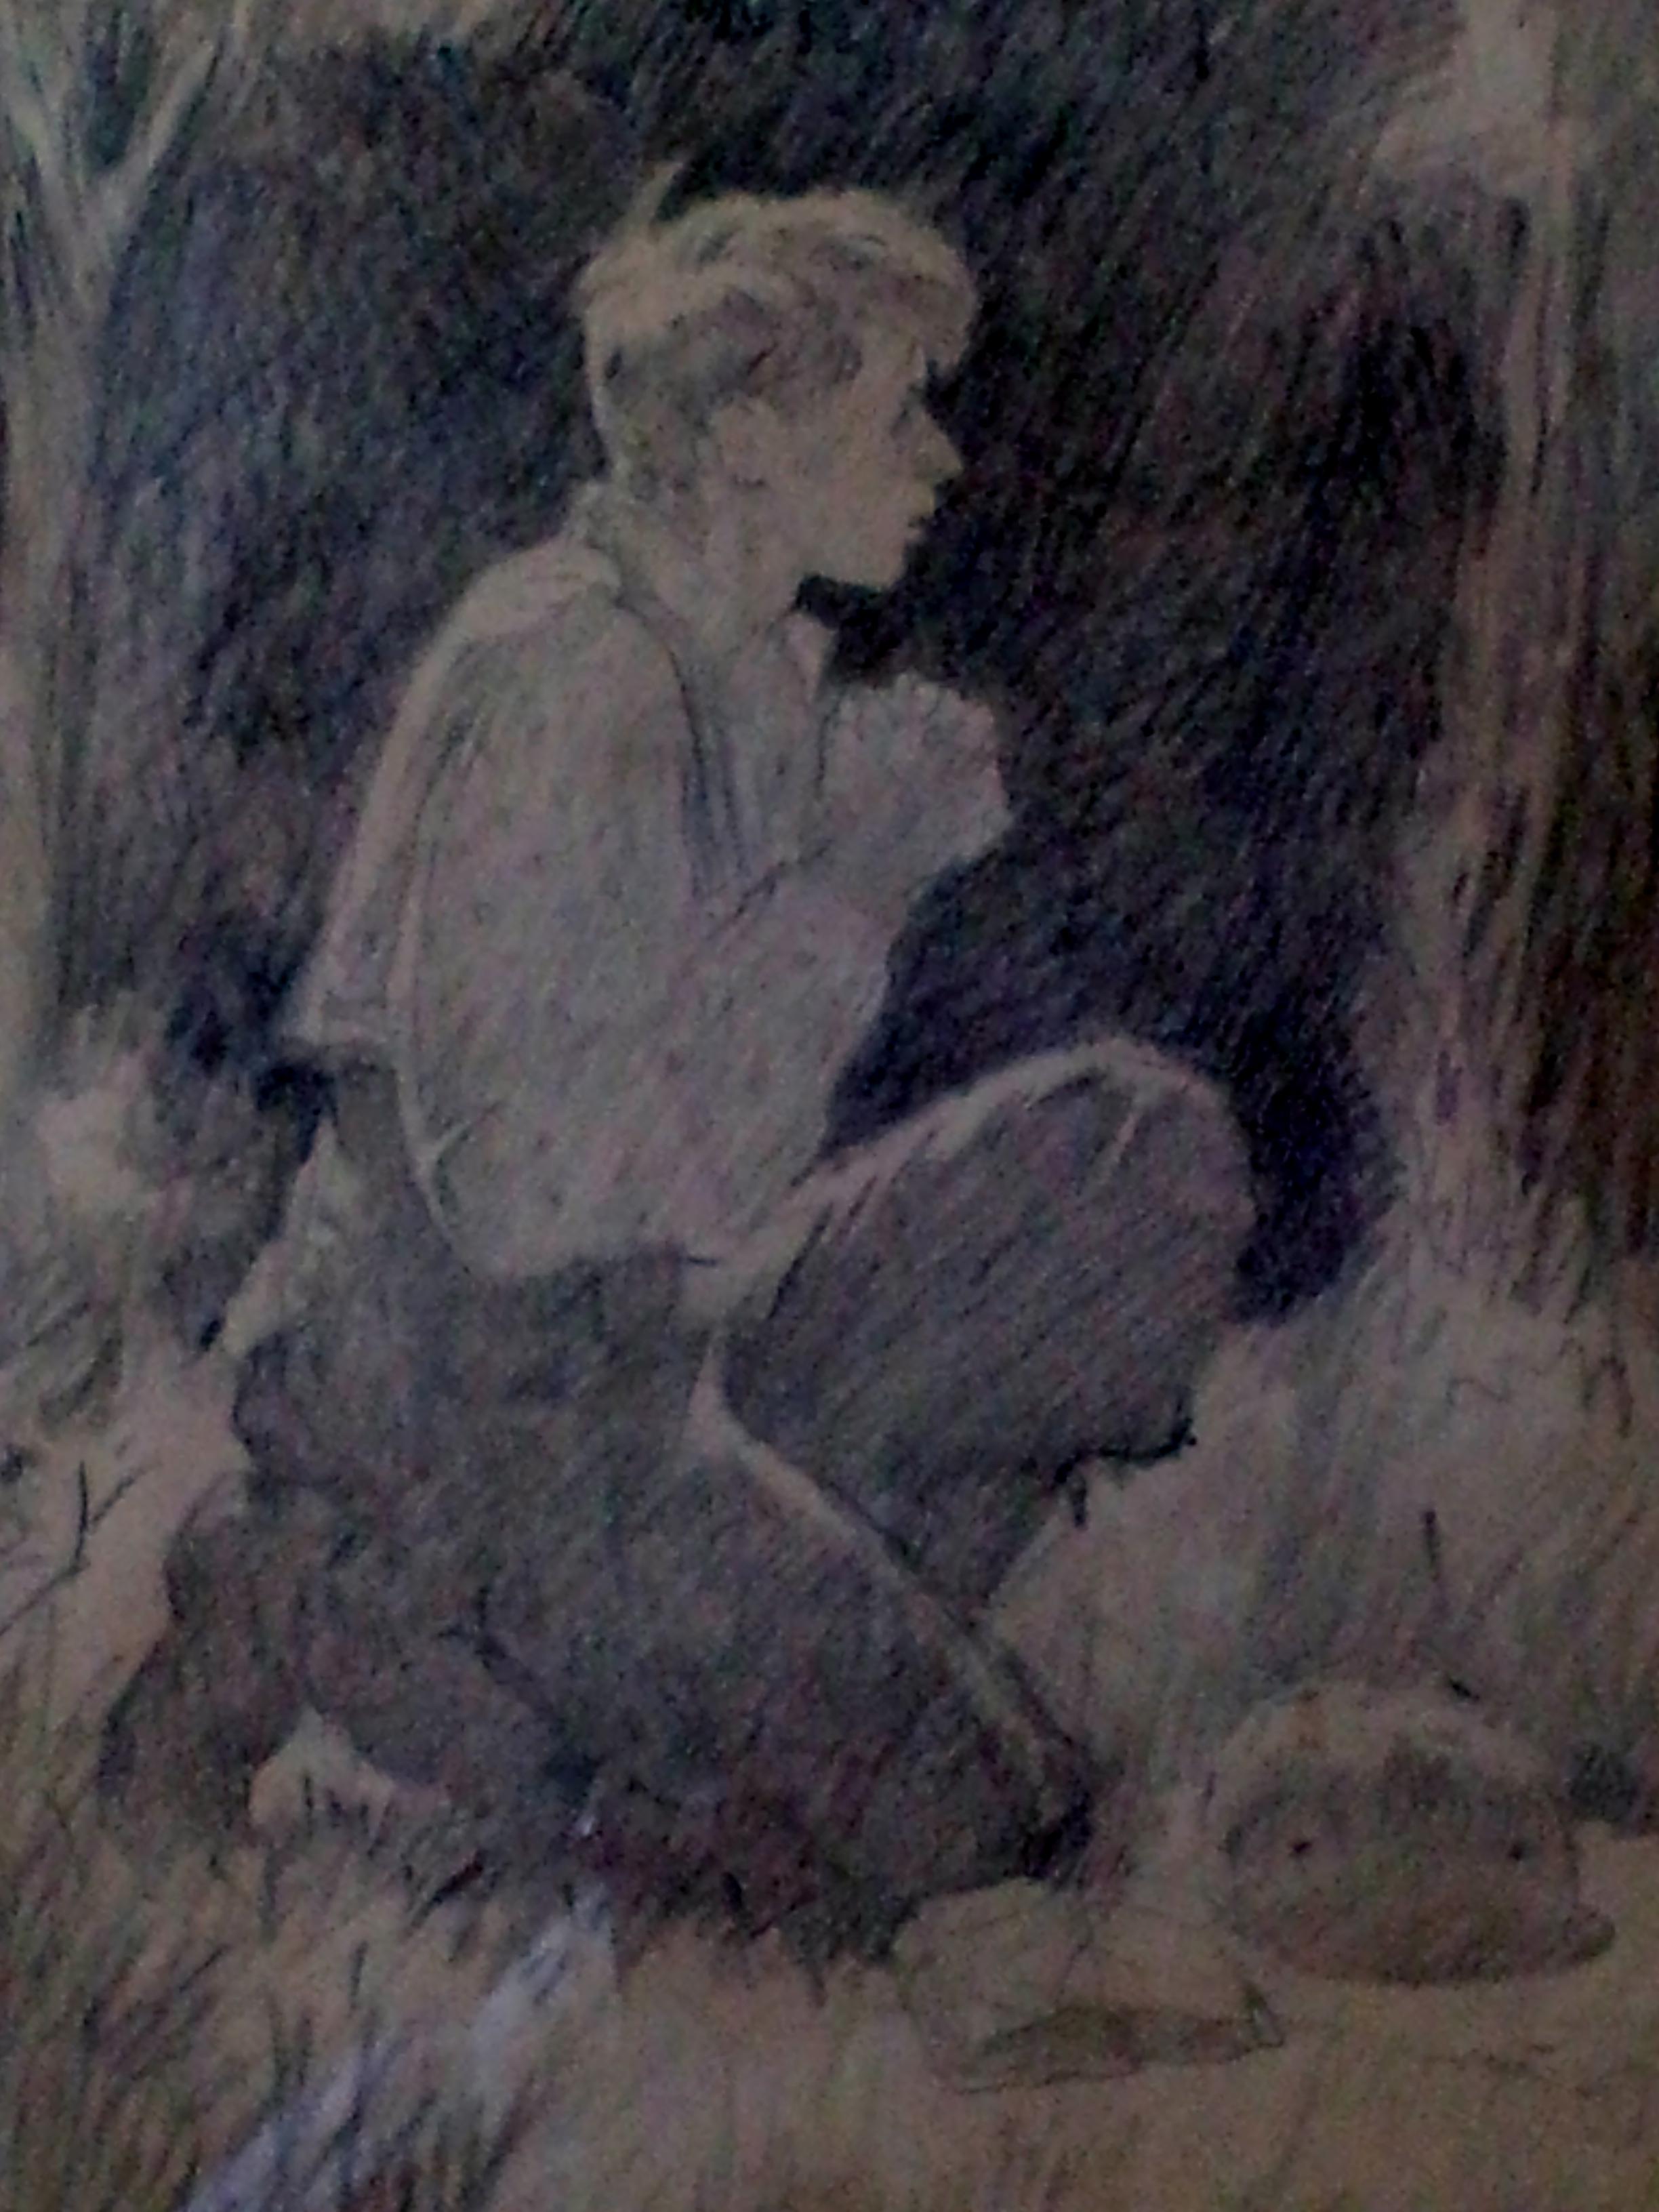 joseph freberg and alcon